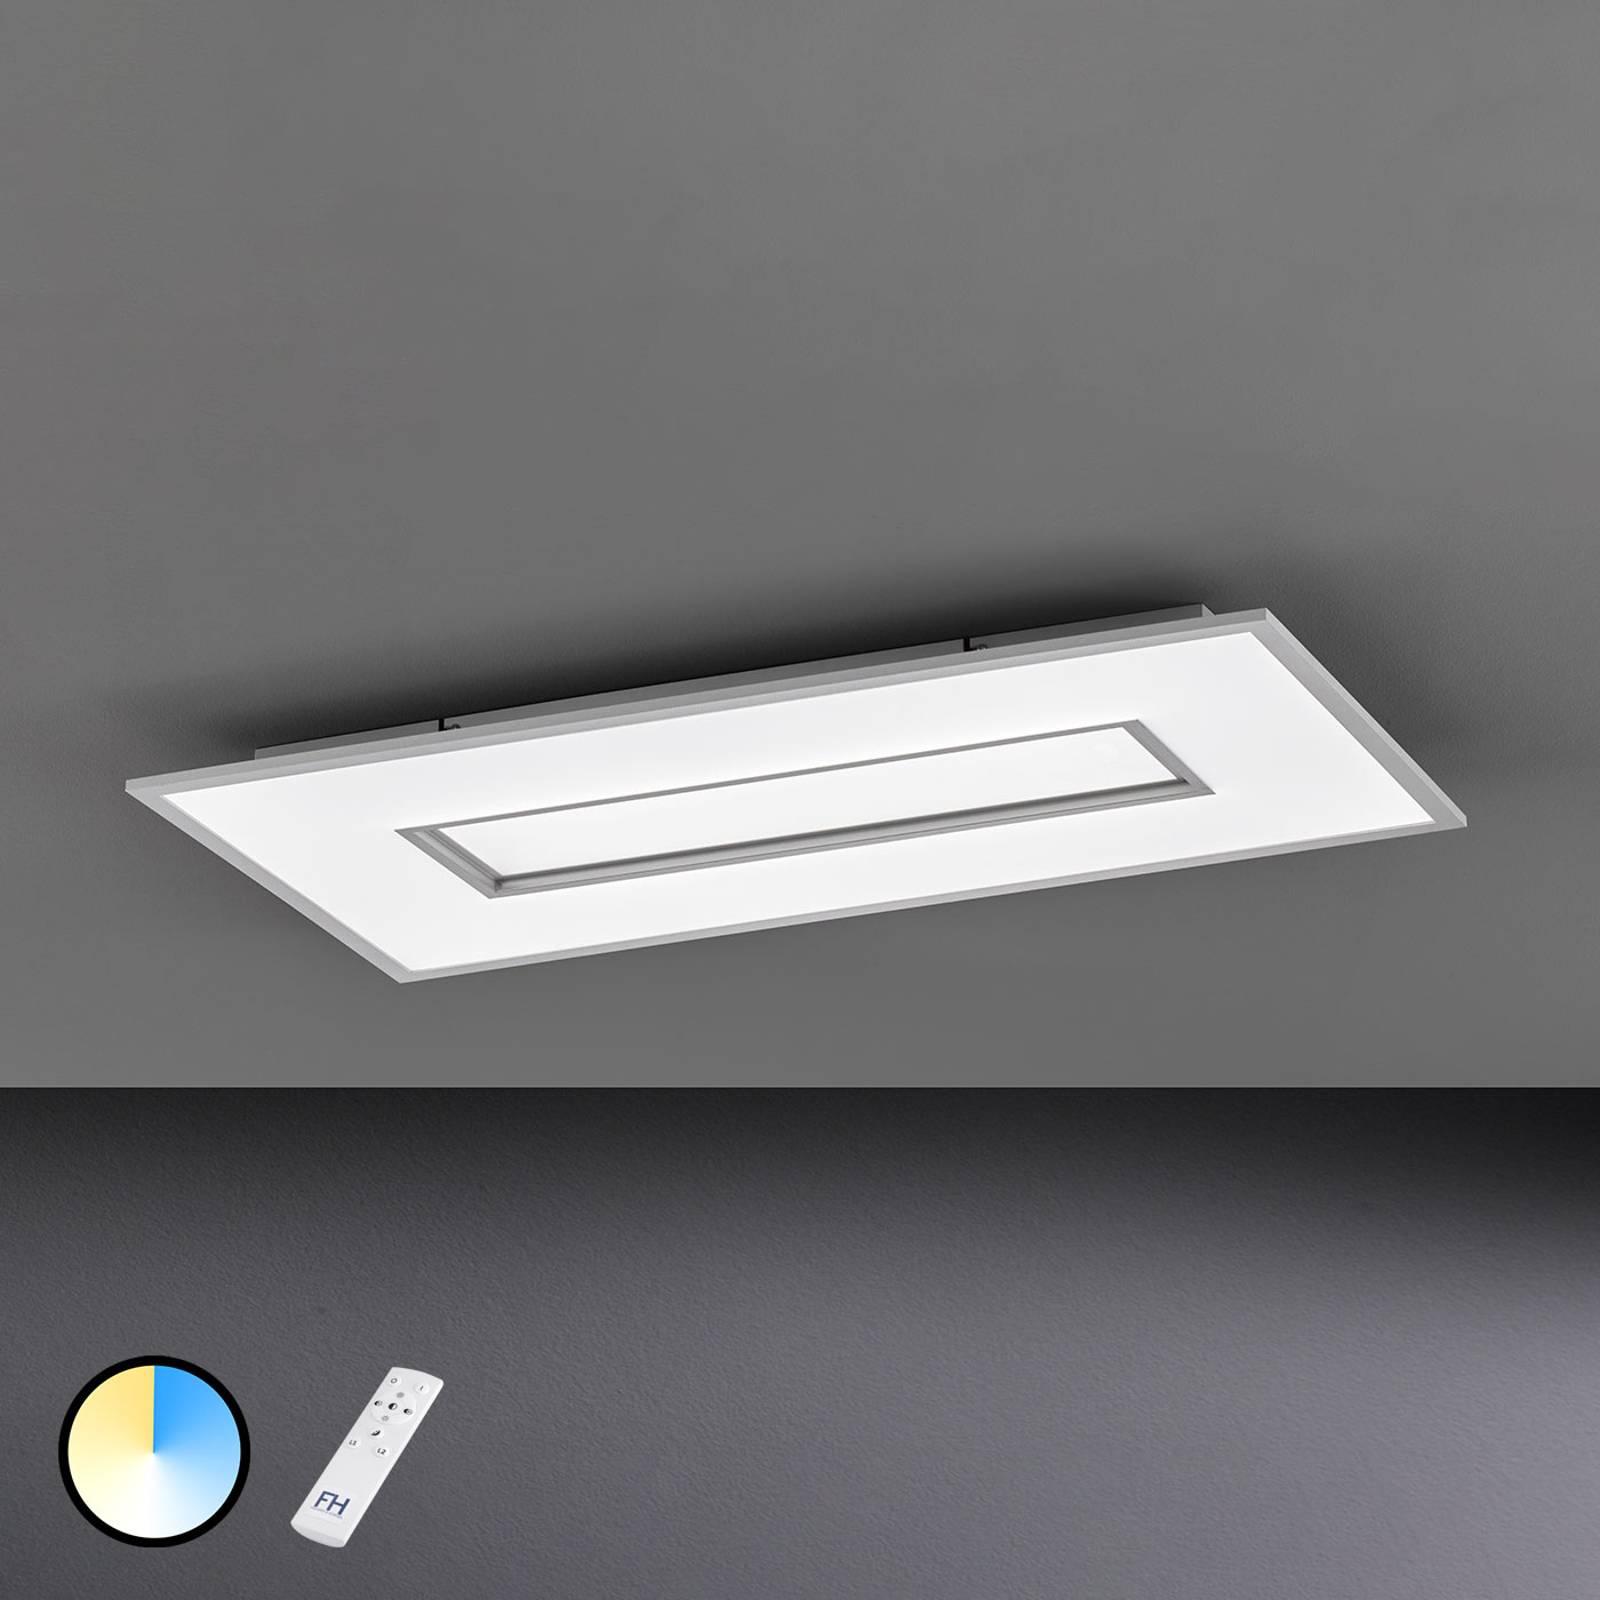 LED-kattovalaisin Tiara suorakulmainen 80 x 40 cm